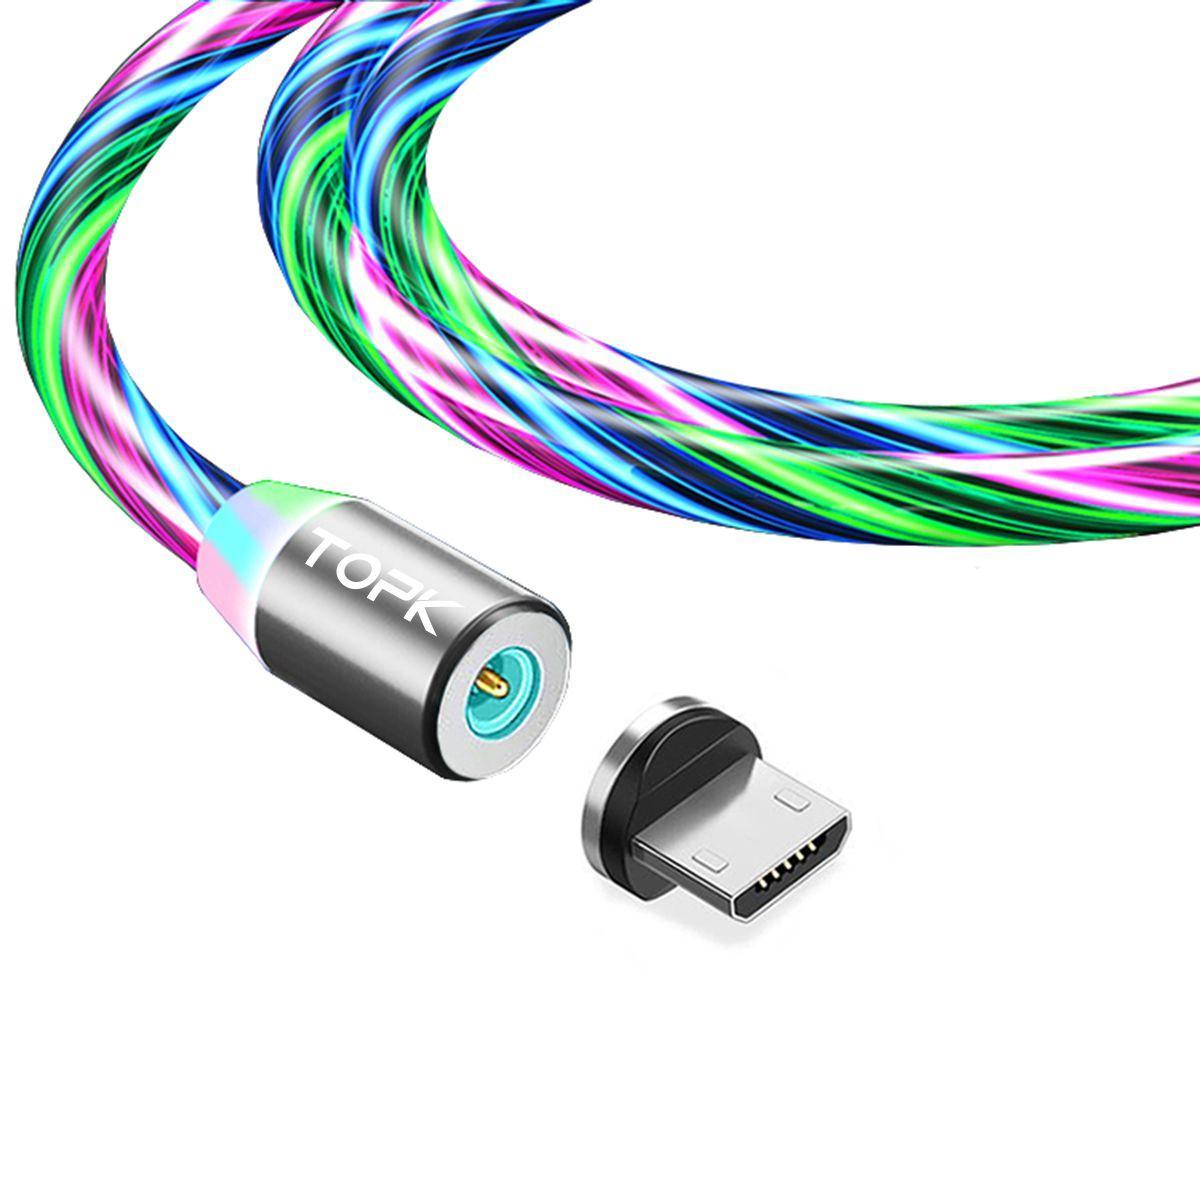 Магнитный кабель TOPK micro USB (RZ) для зарядки (100 см) RGB